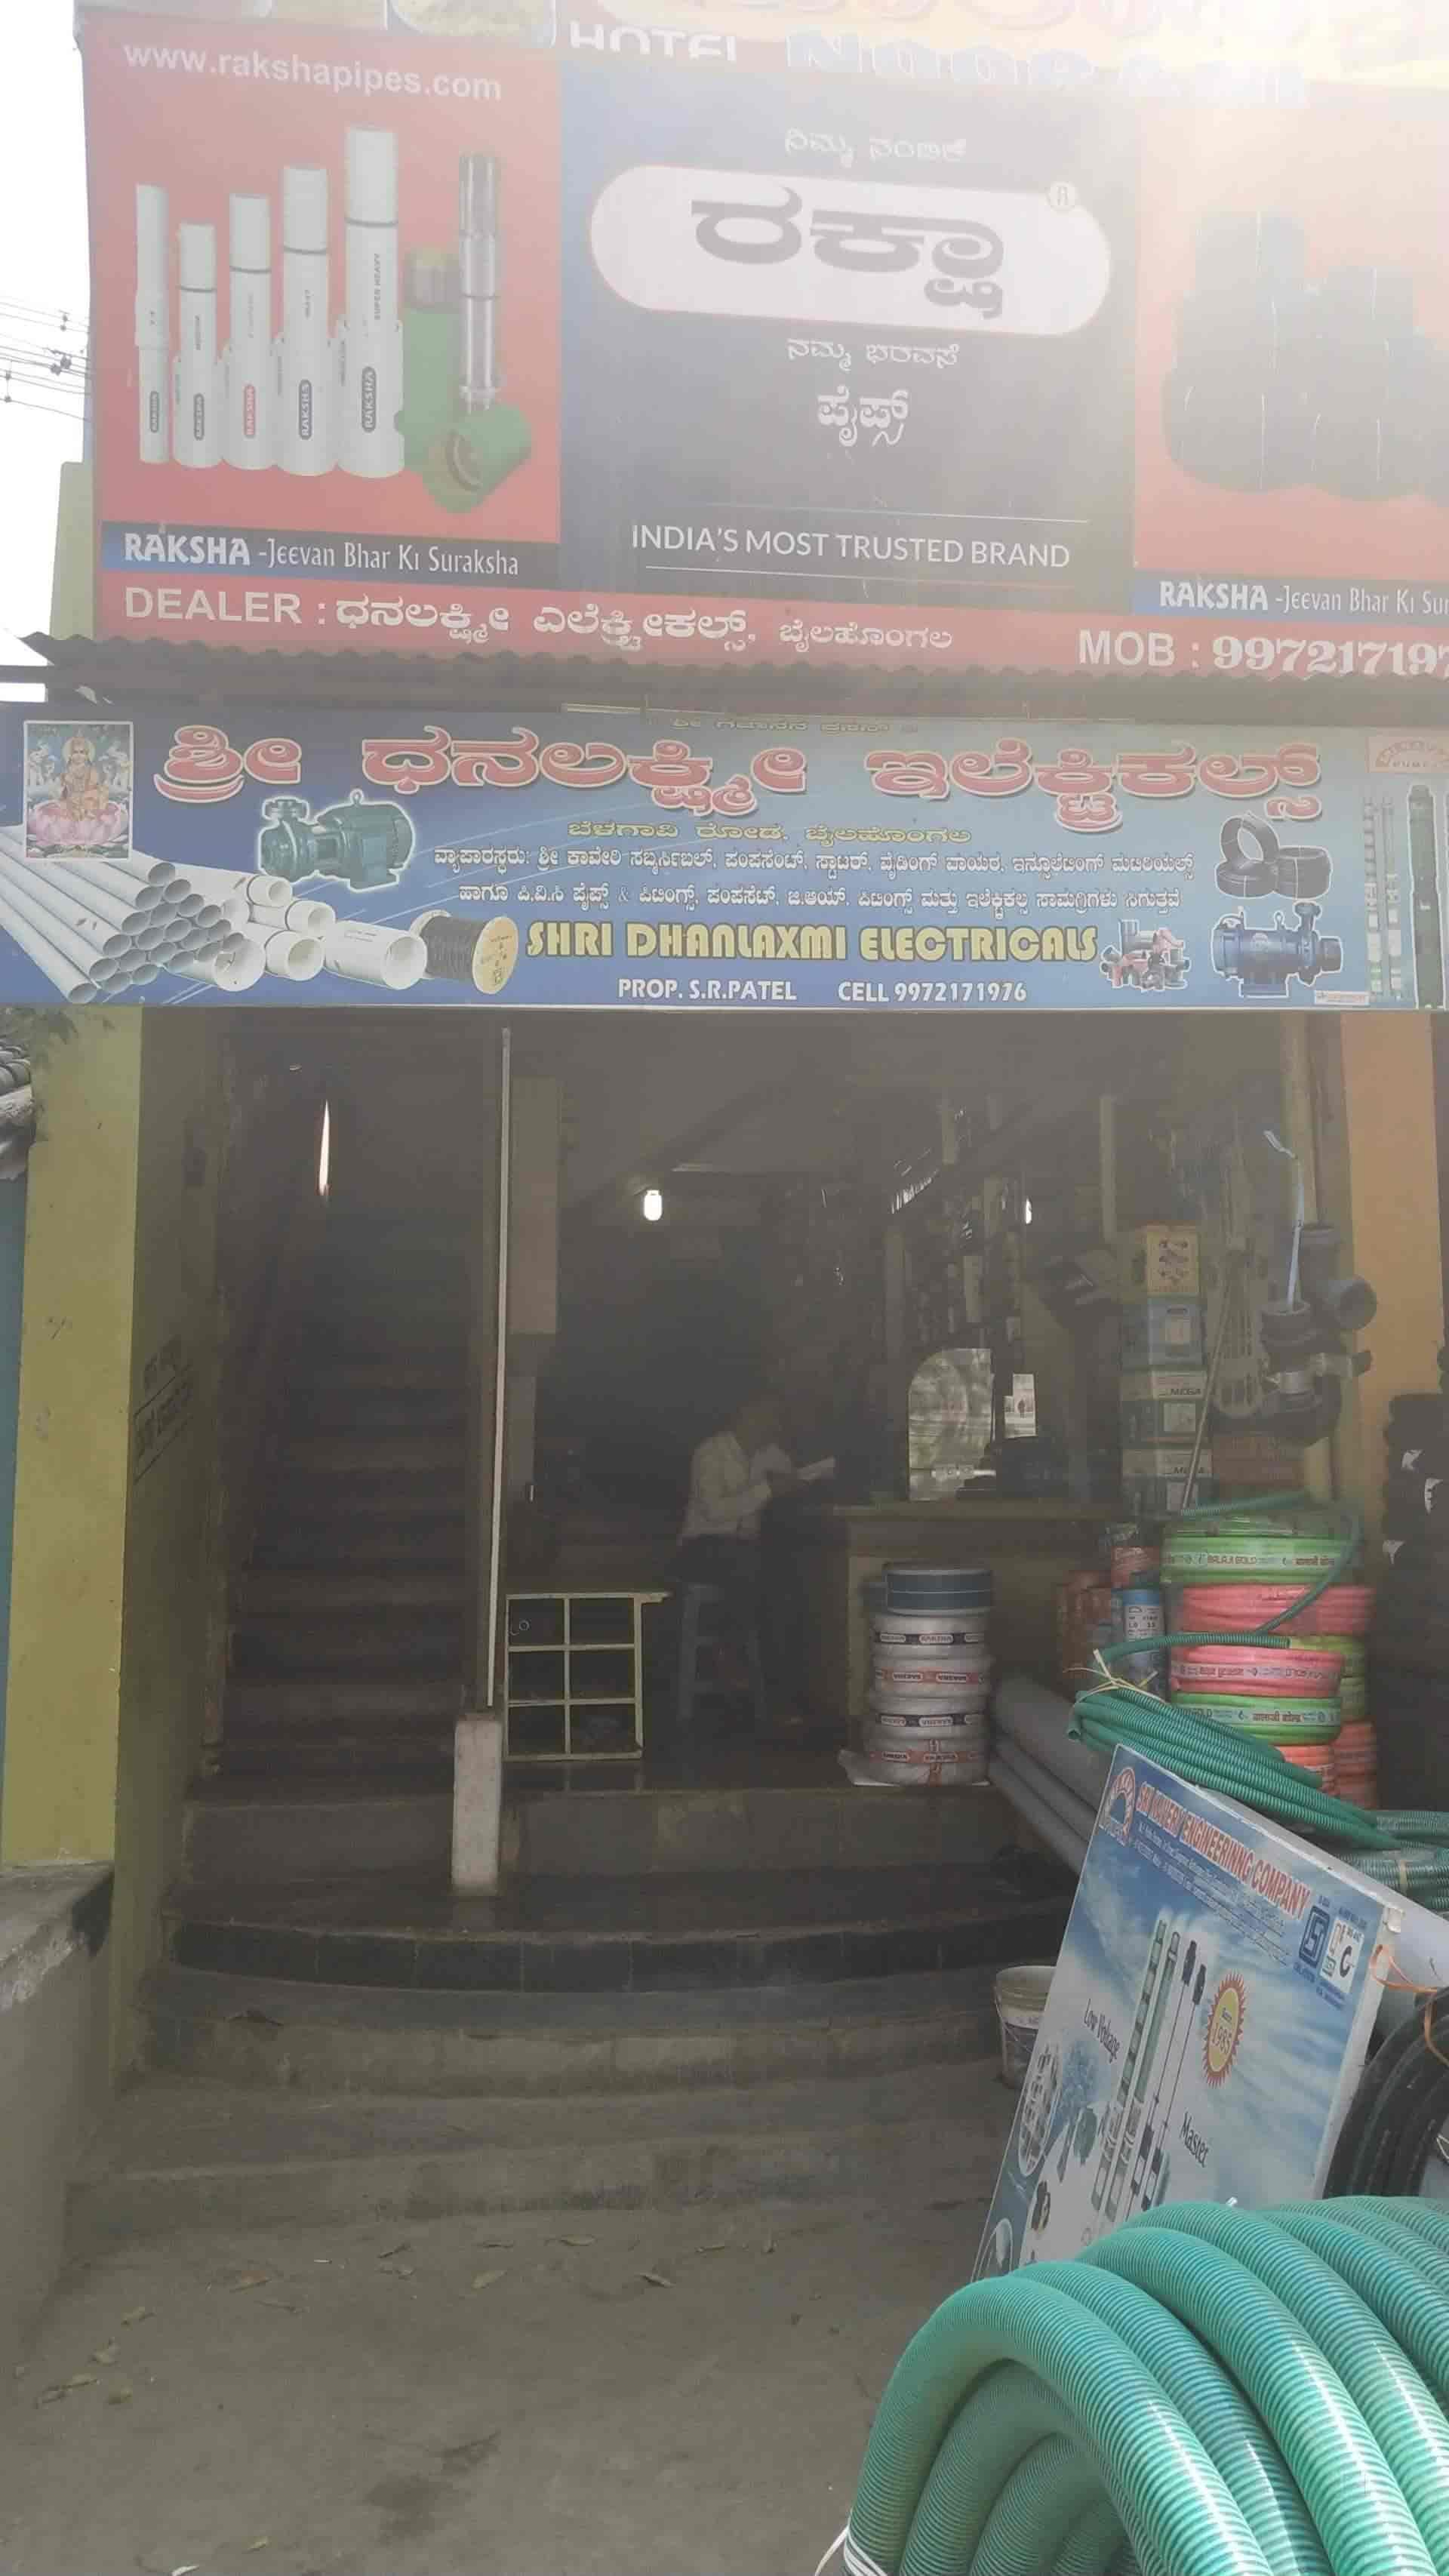 Top Ksb Submersible Pump Dealers in Dharwad Road Belgaum